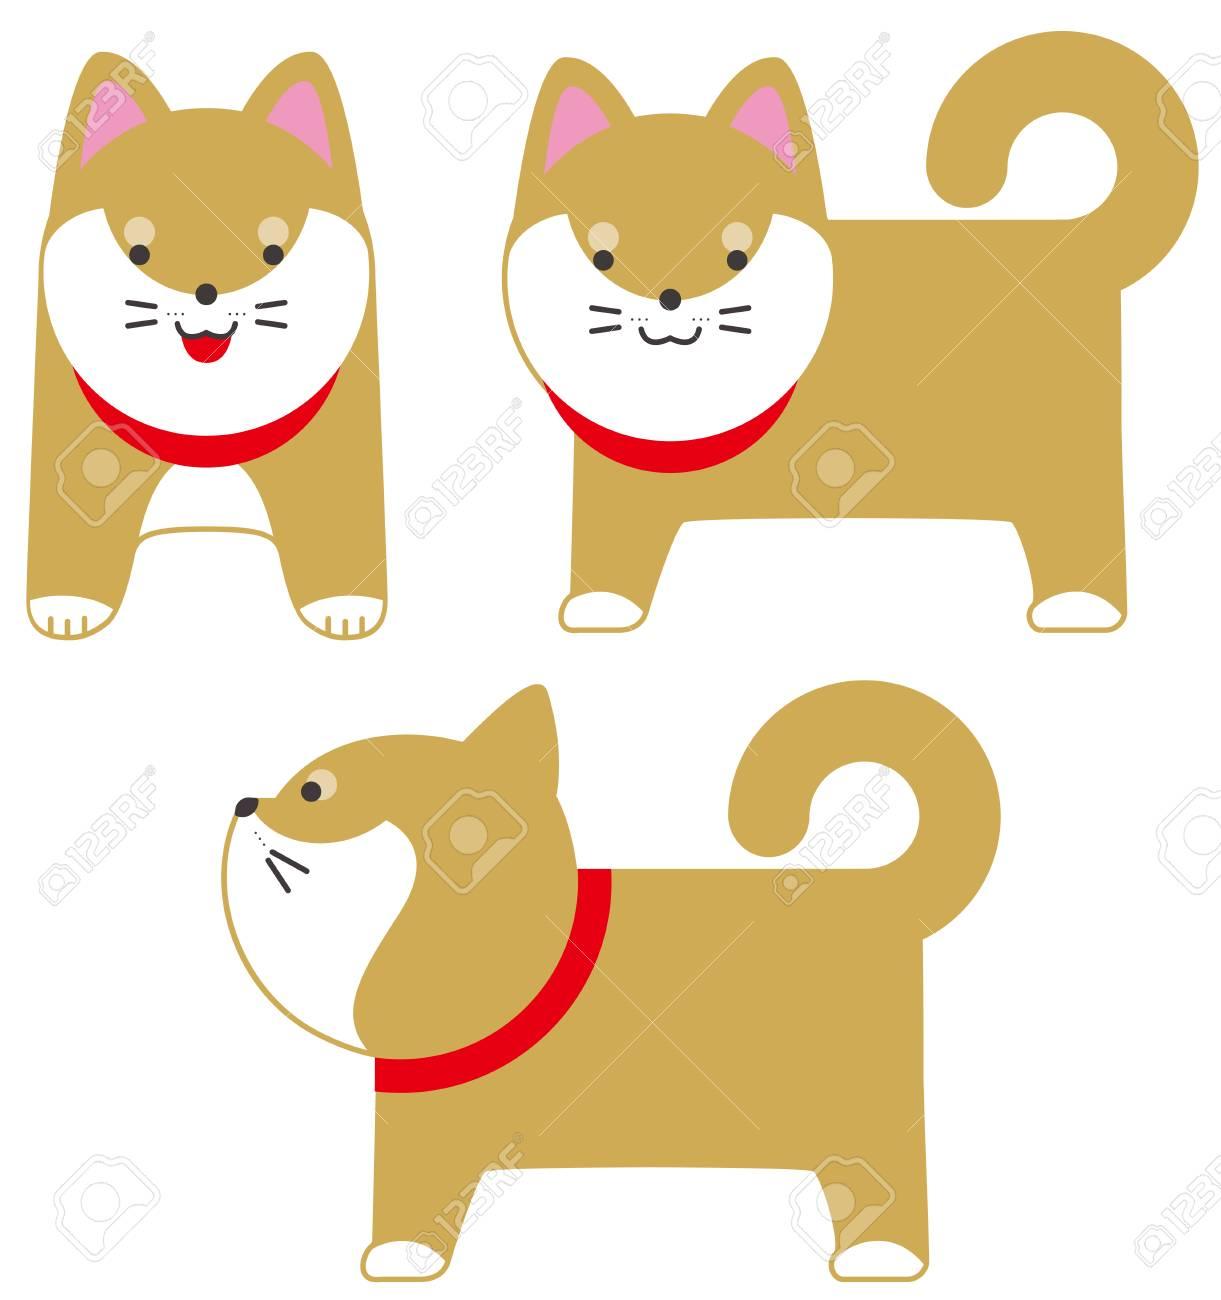 芝犬日本犬ベクトル図ですのイラスト素材ベクタ Image 86903448